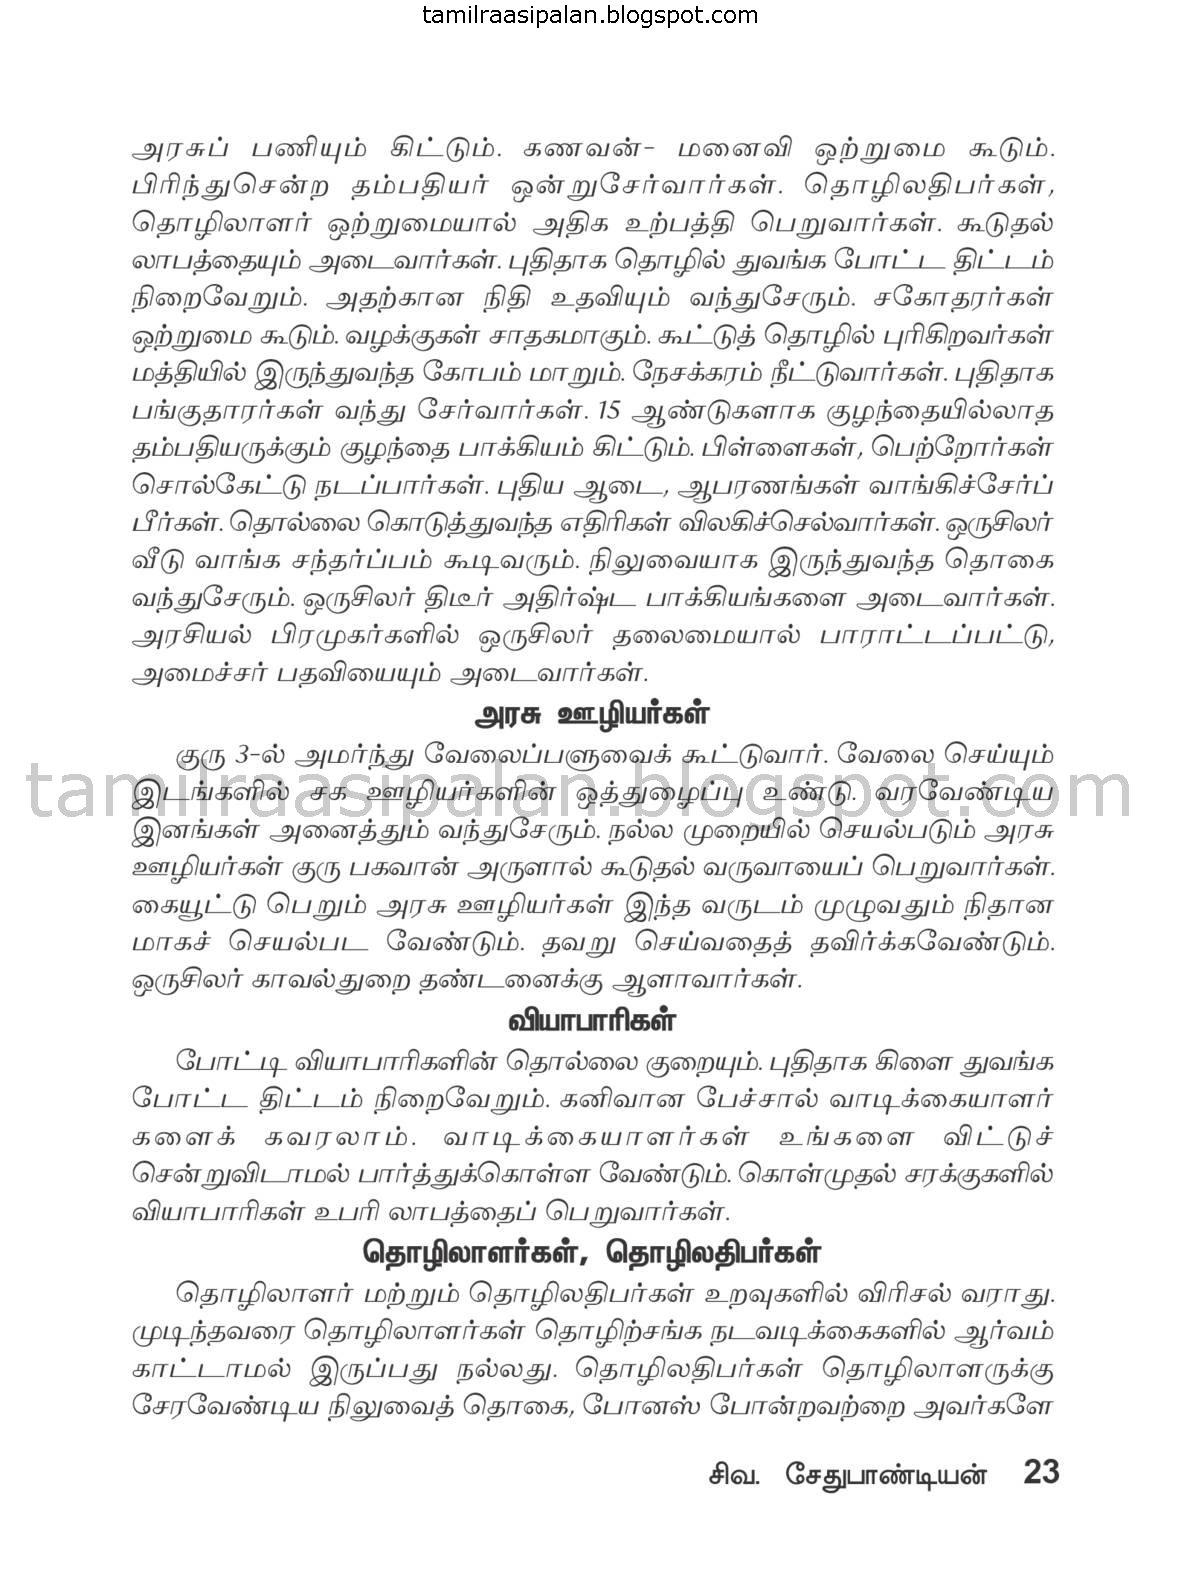 Mithunam Guru Peyarchi Palan-2015-2016 Free Online